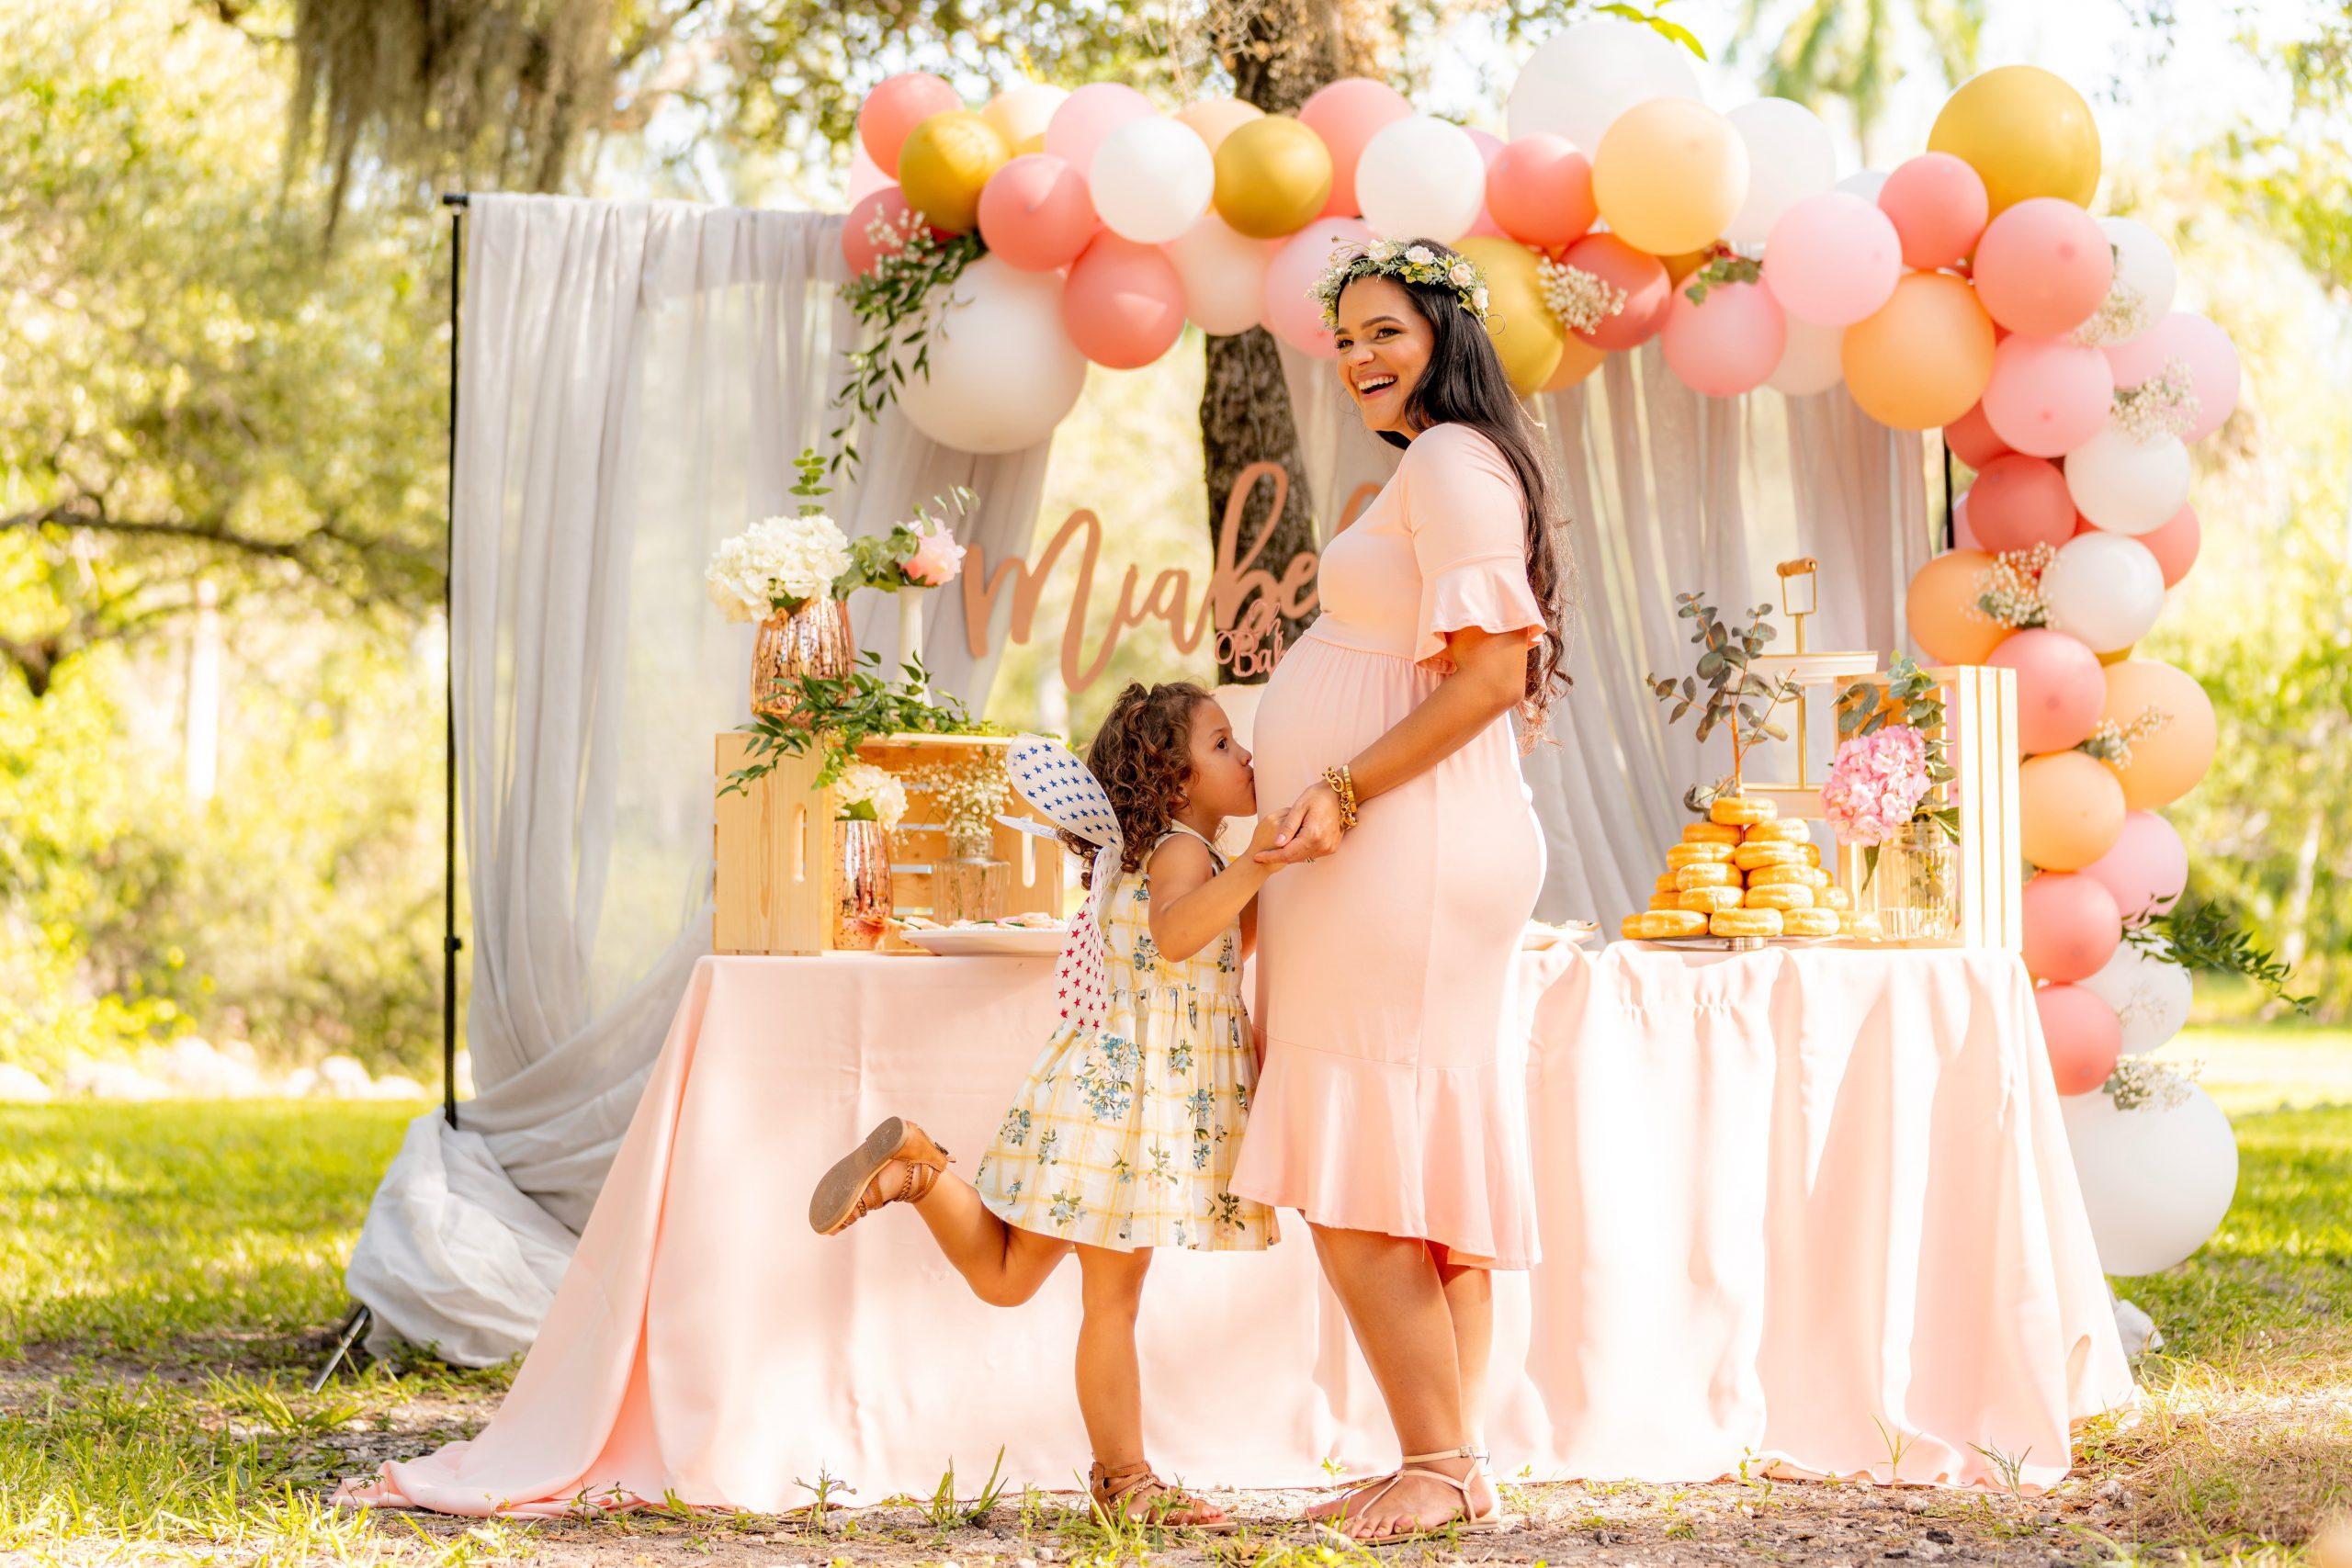 Une petite fille embrasse le ventre de sa maman à une baby shower